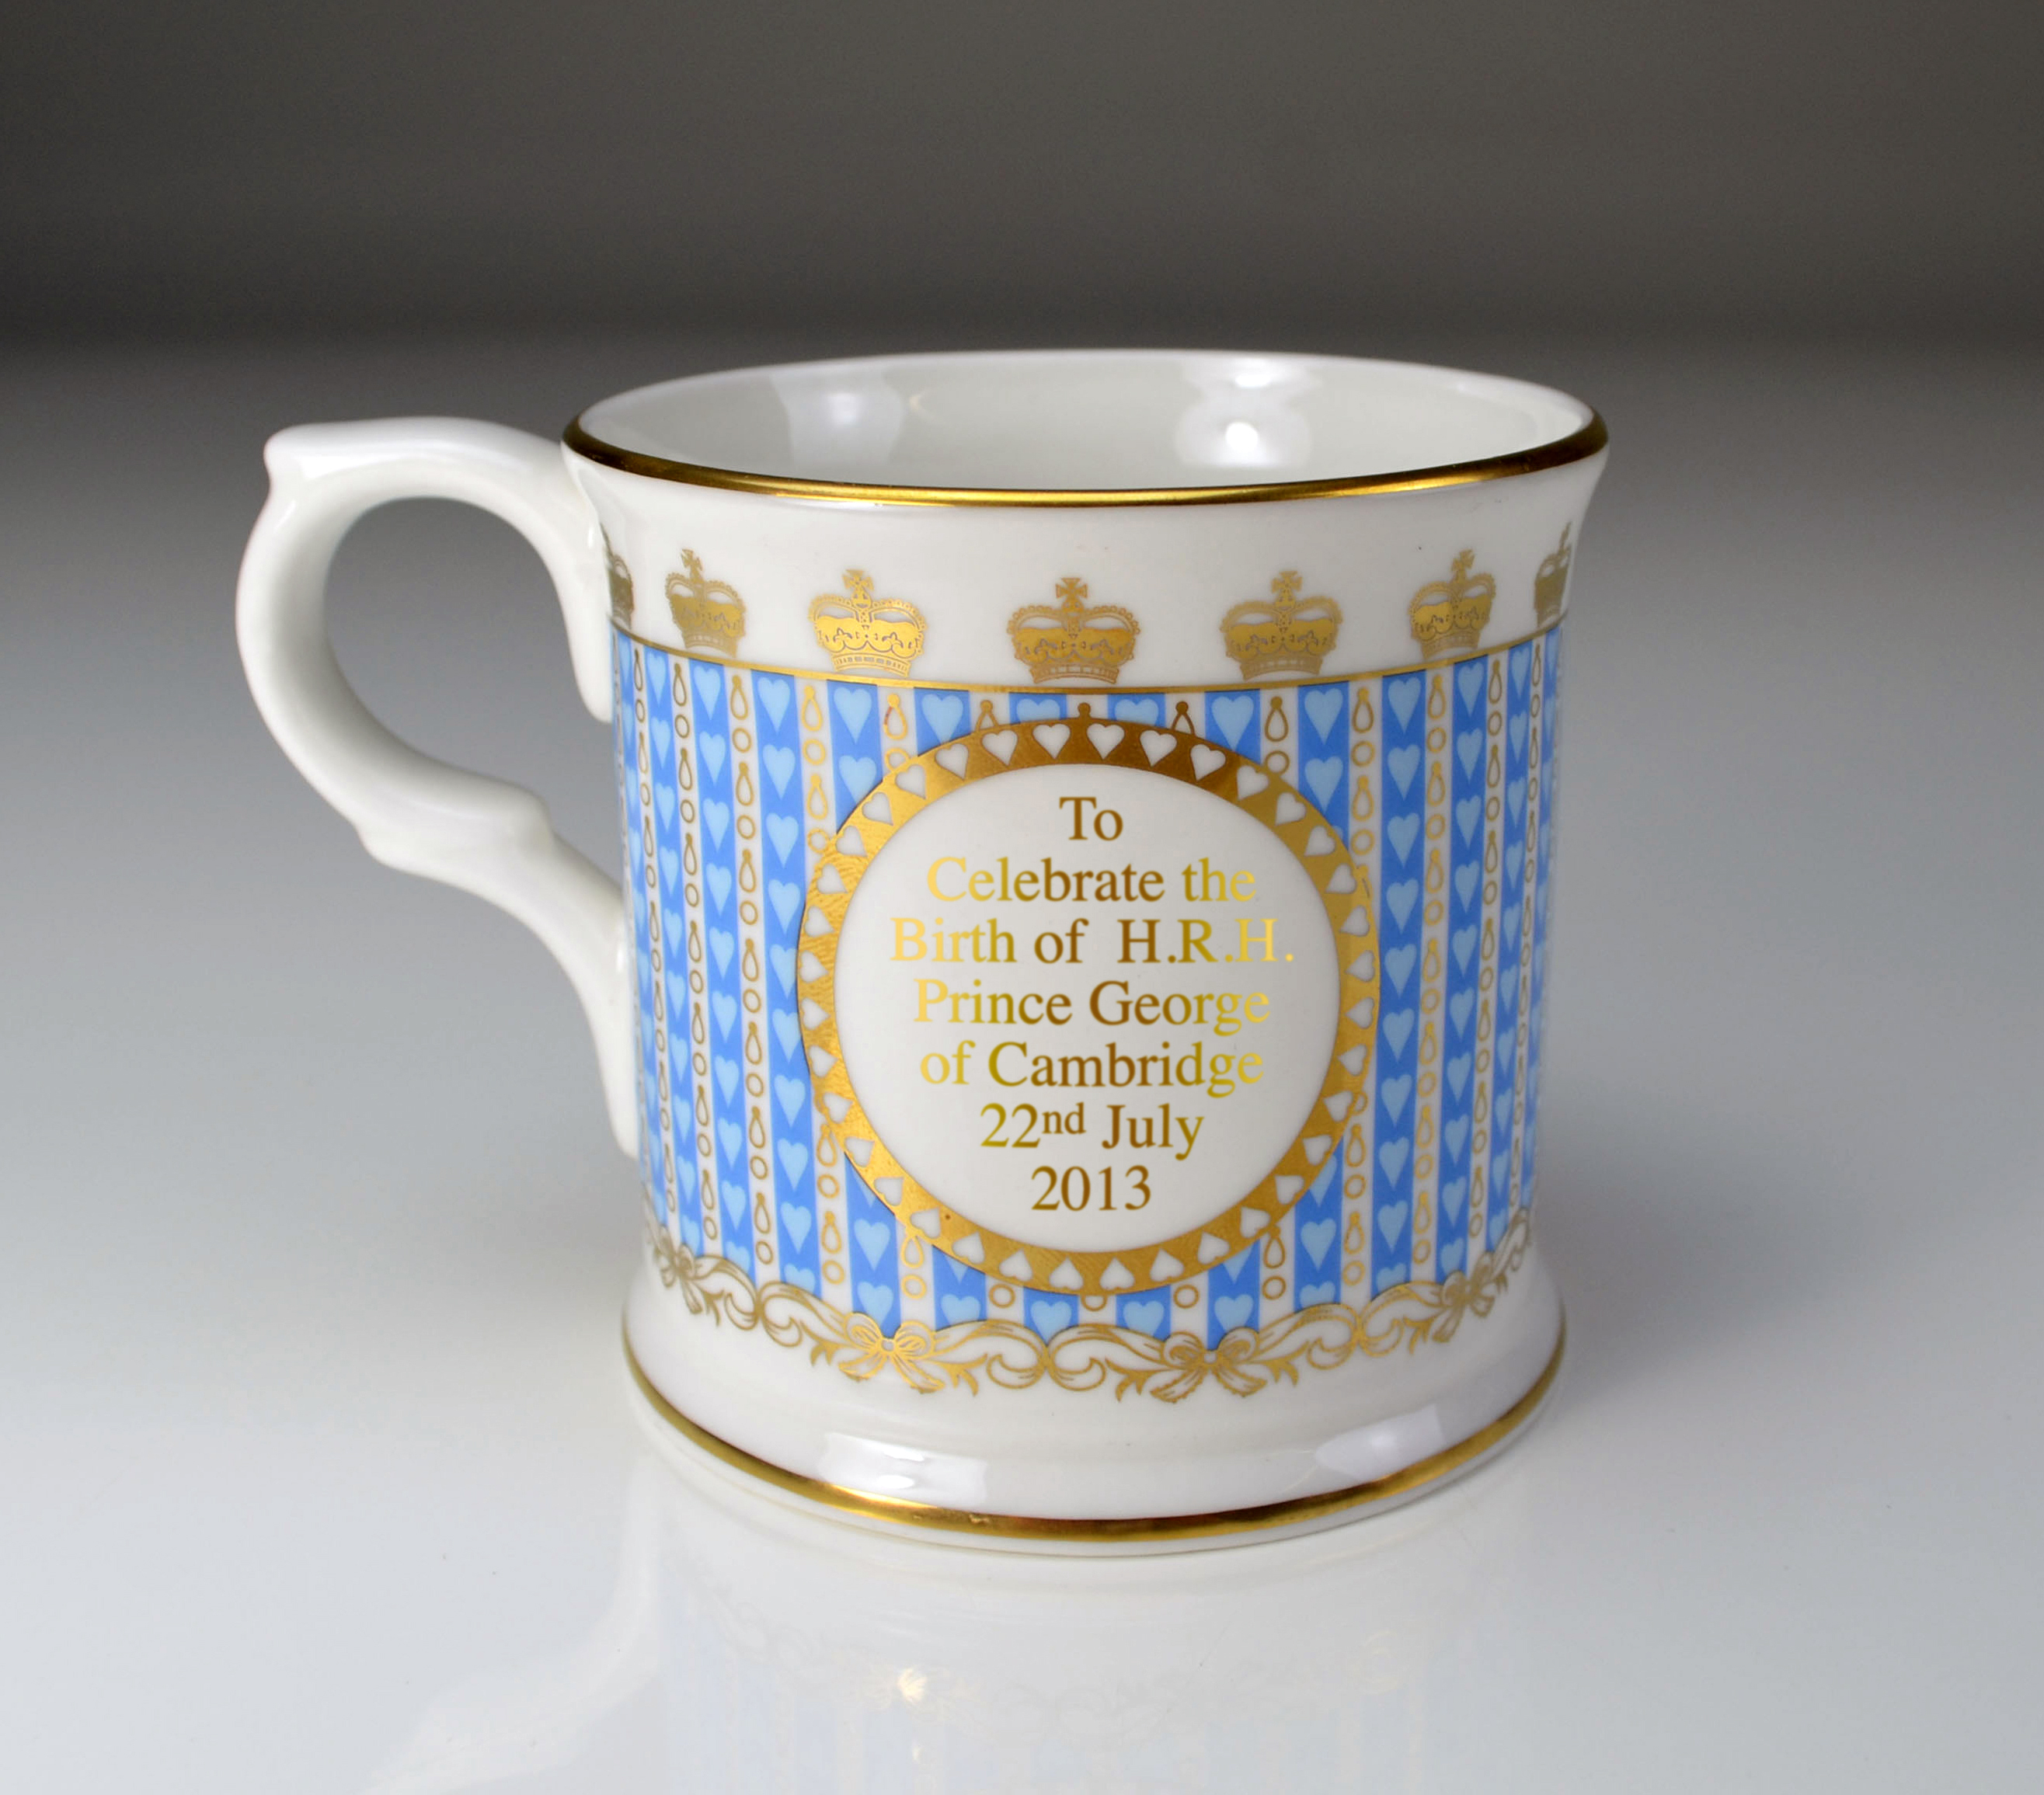 William Edwards HRH Prince George of Cambridge Mug - Back